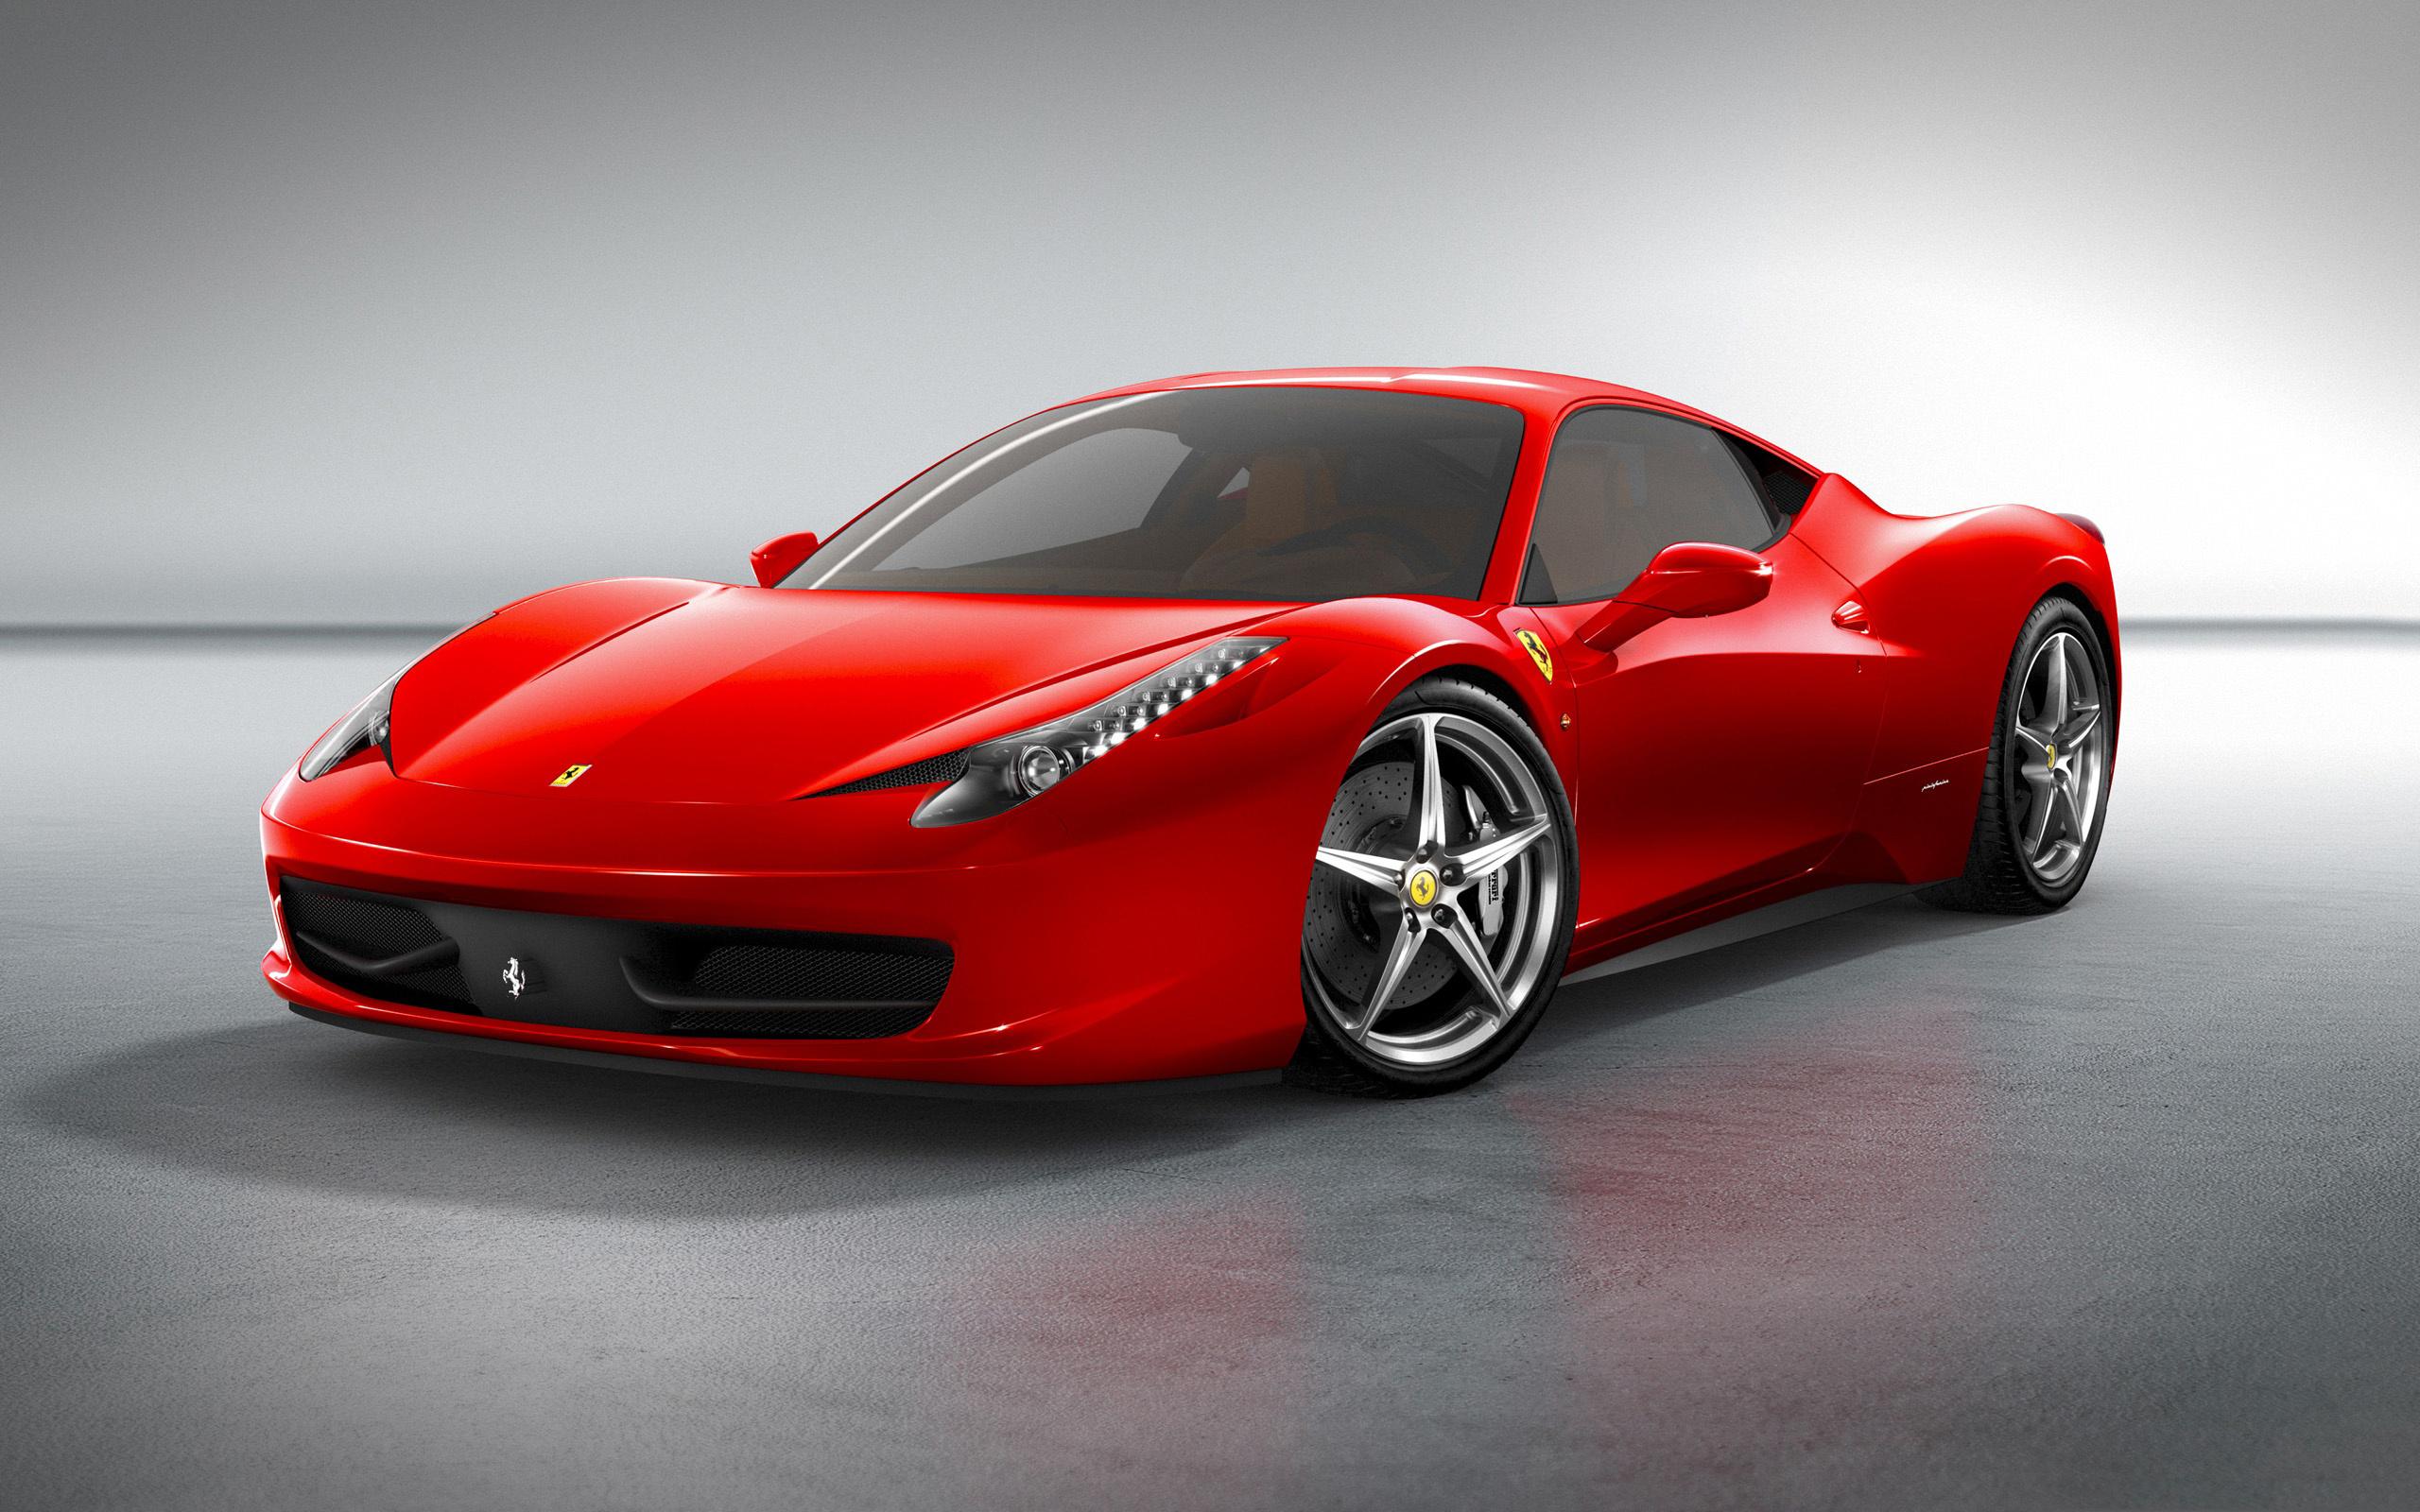 спортивный автомобиль красный mclaren rot бесплатно